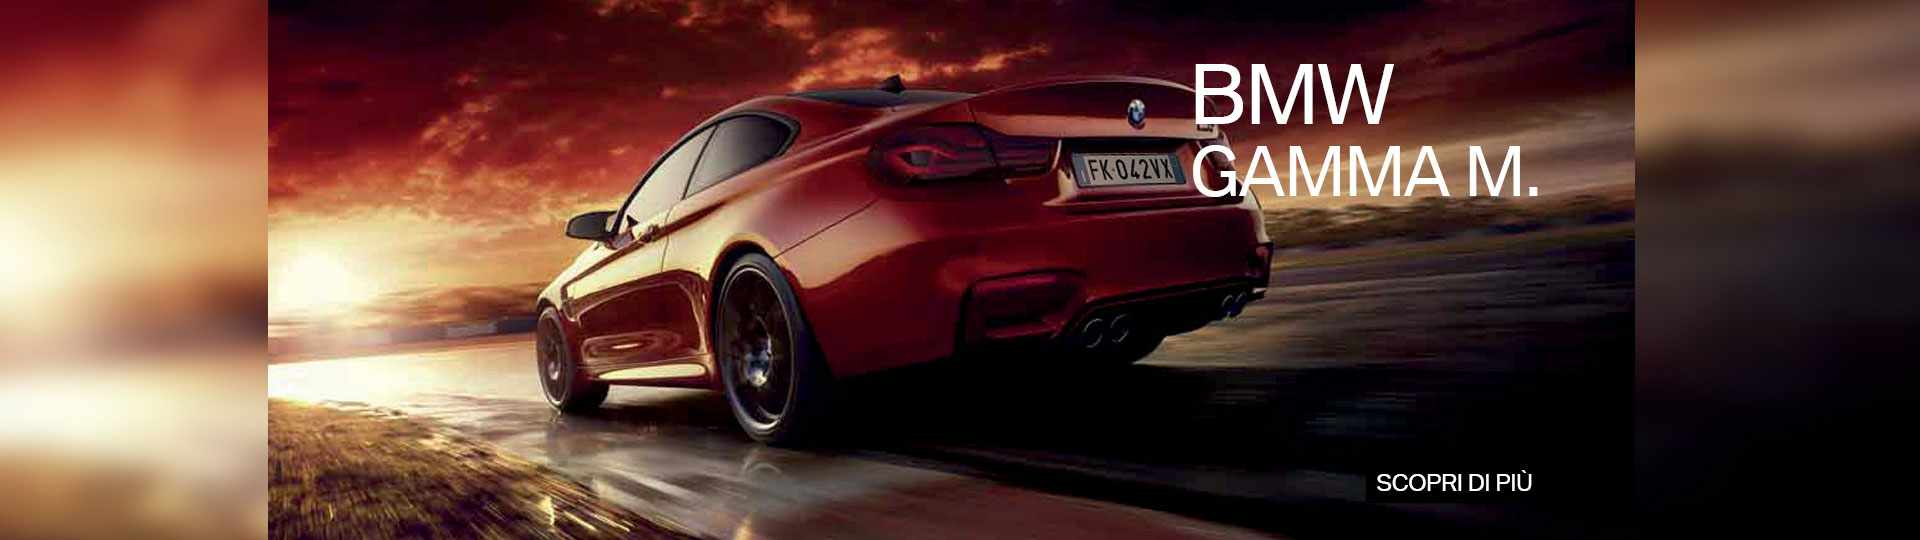 BMW-Gamma-M-min.jpg